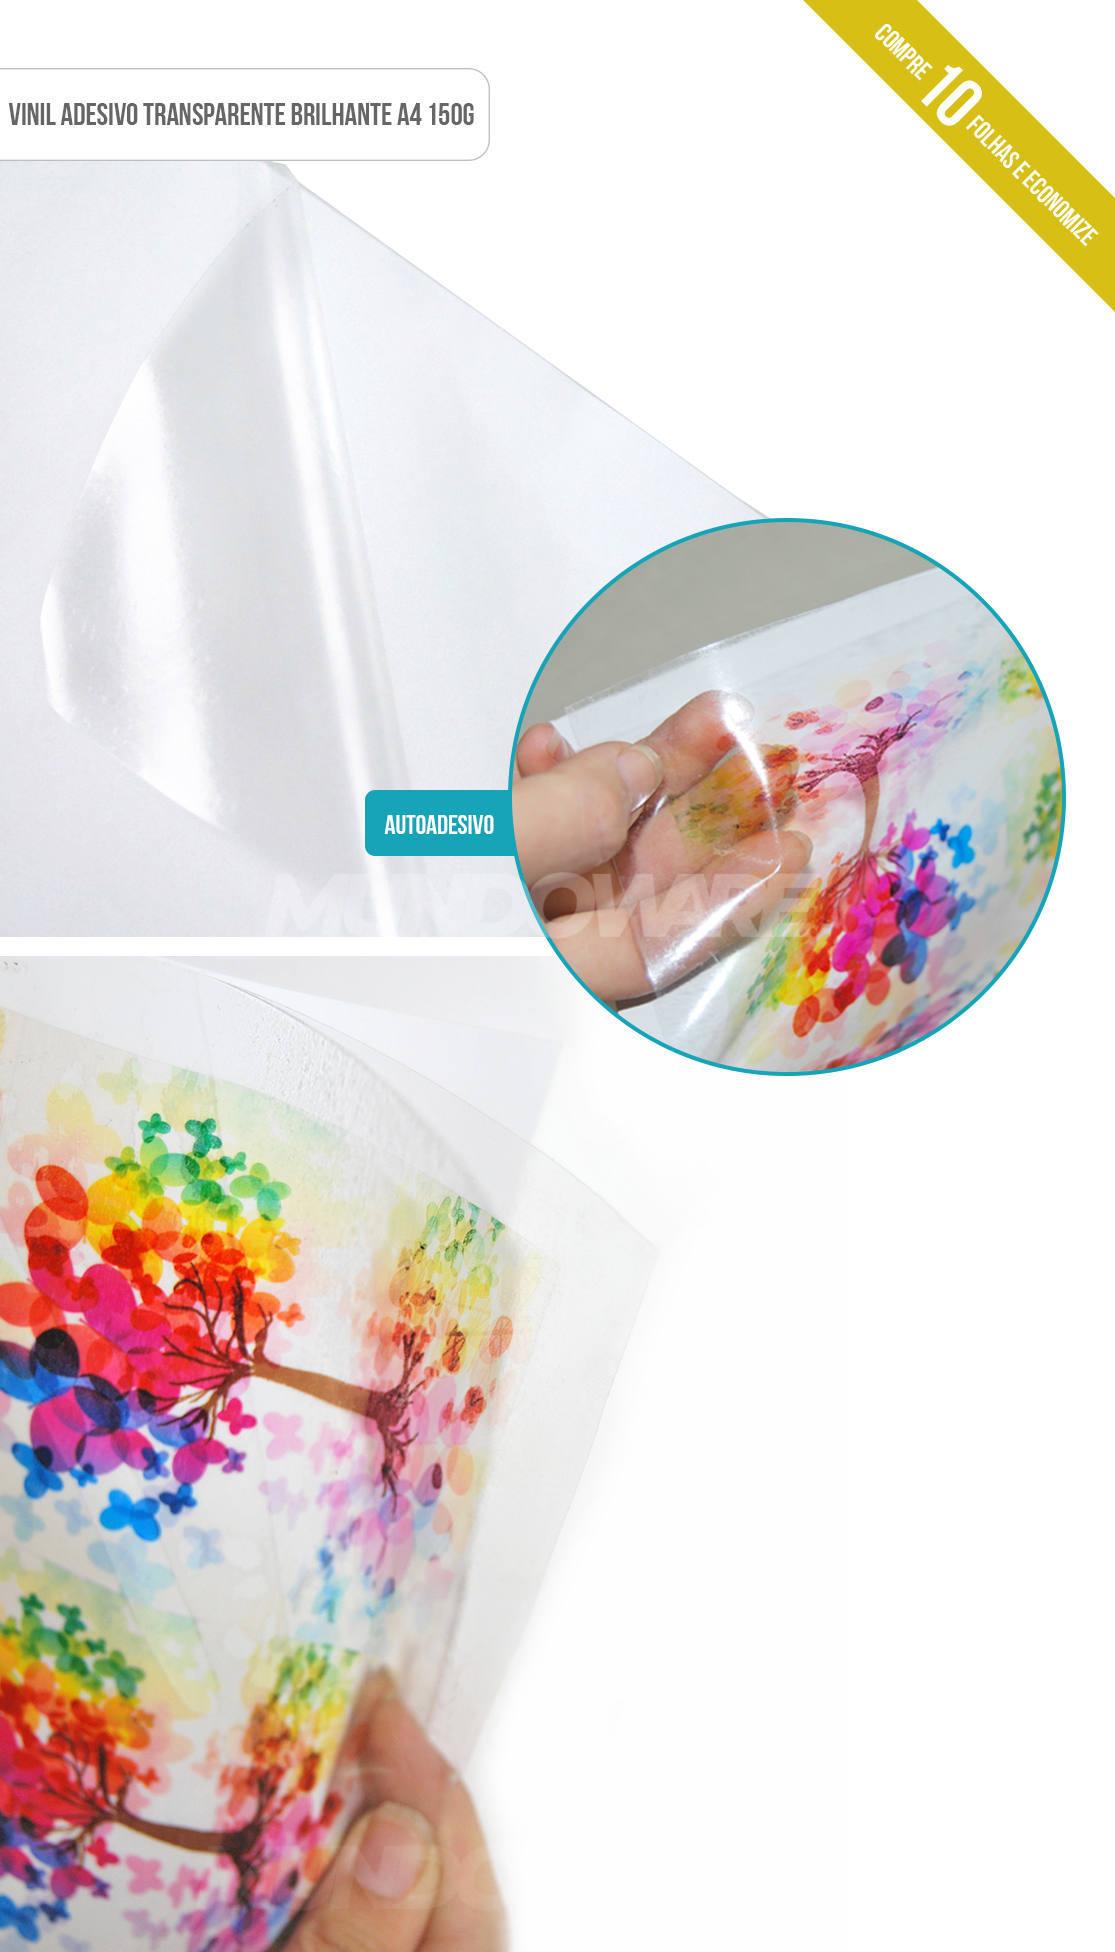 Papel vinil Transparente Brilhante Adesivo com 10 folhas A4 150g PVC adesivo